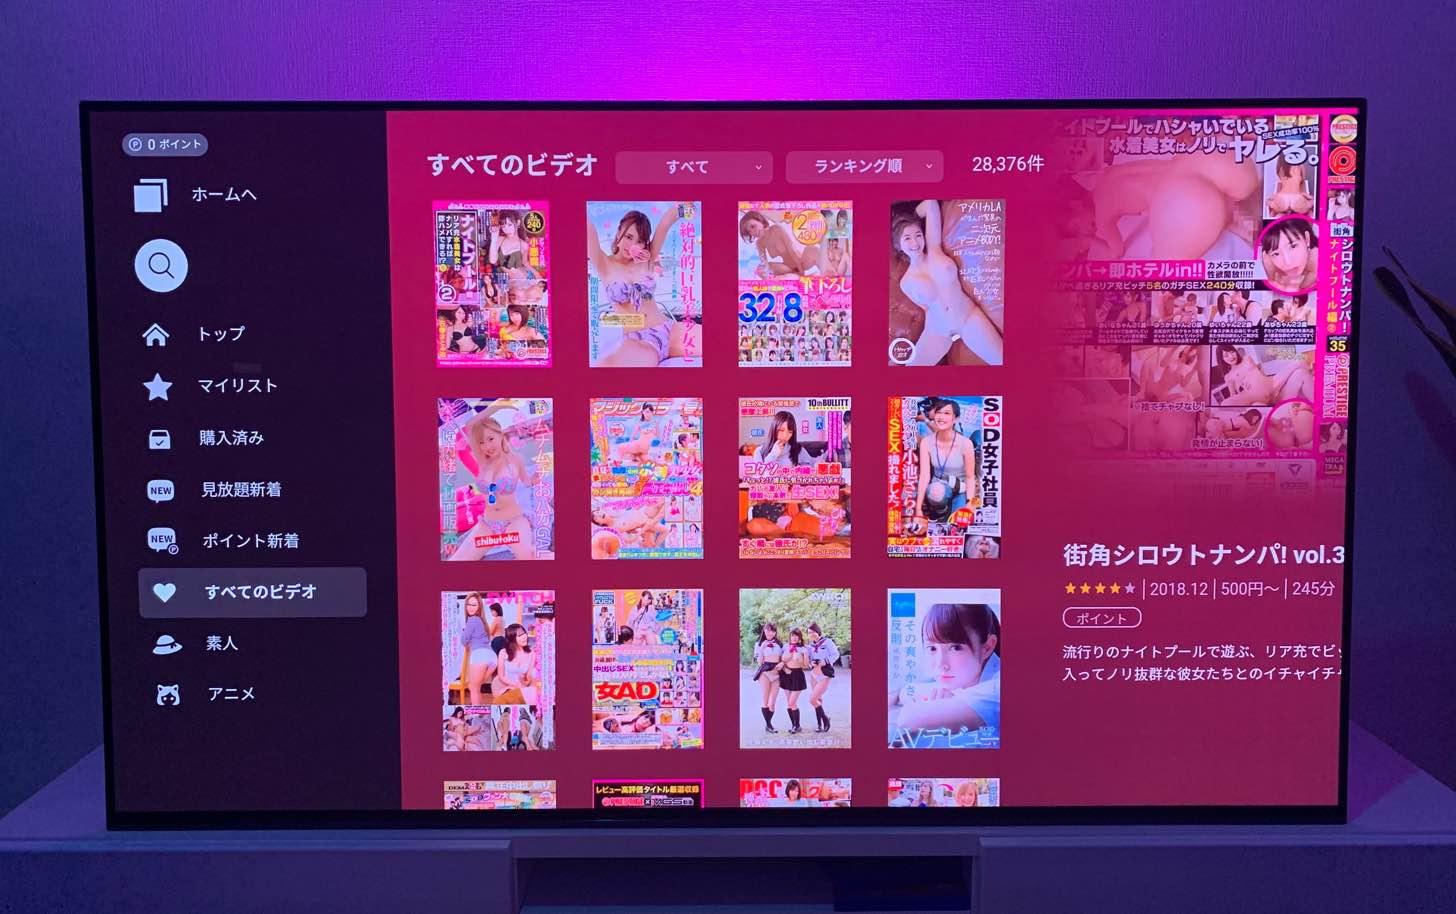 U-NEXT テレビアプリ